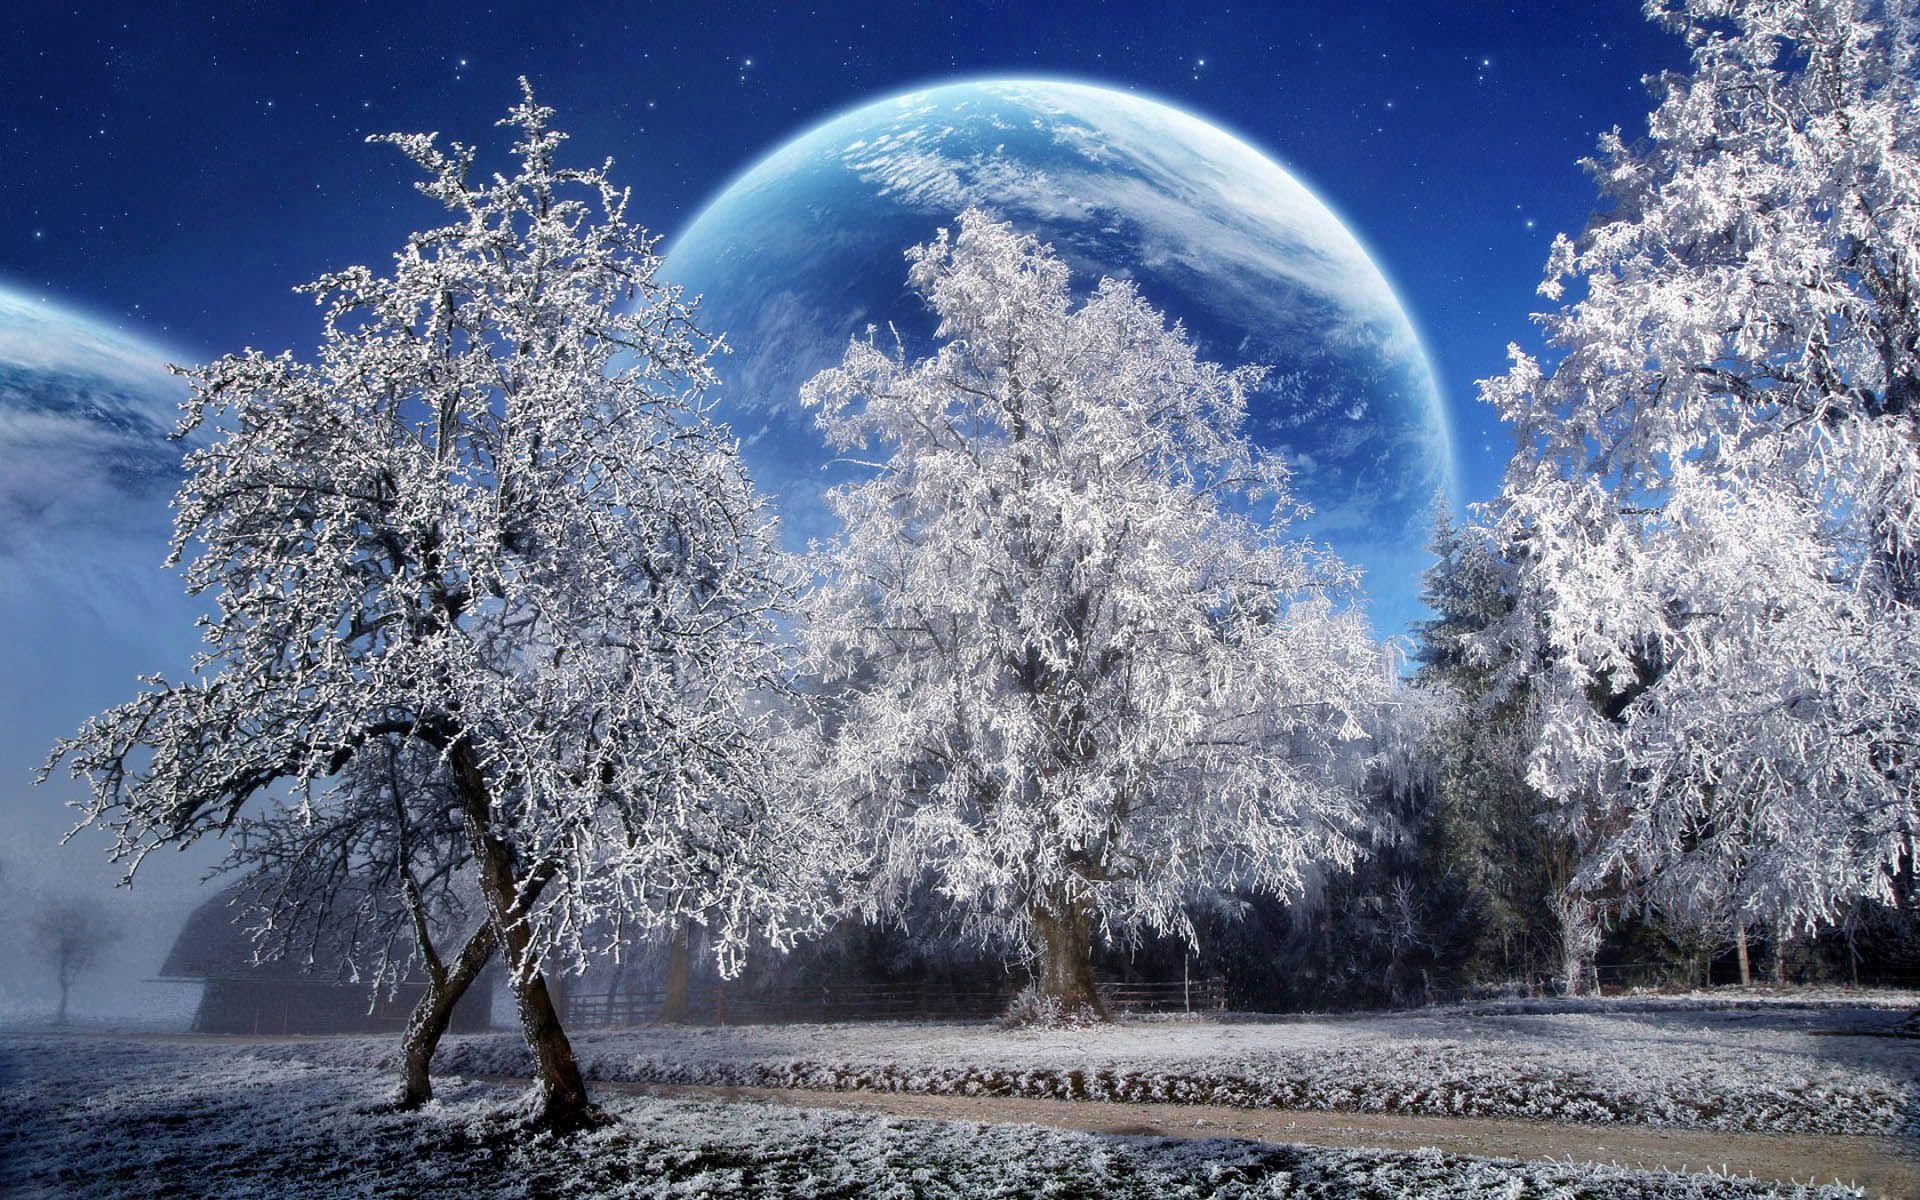 67239壁紙のダウンロードファンタジー, 木, 霜, 惑星, 土地, 地球, スカイ, 公園, スター-スクリーンセーバーと写真を無料で